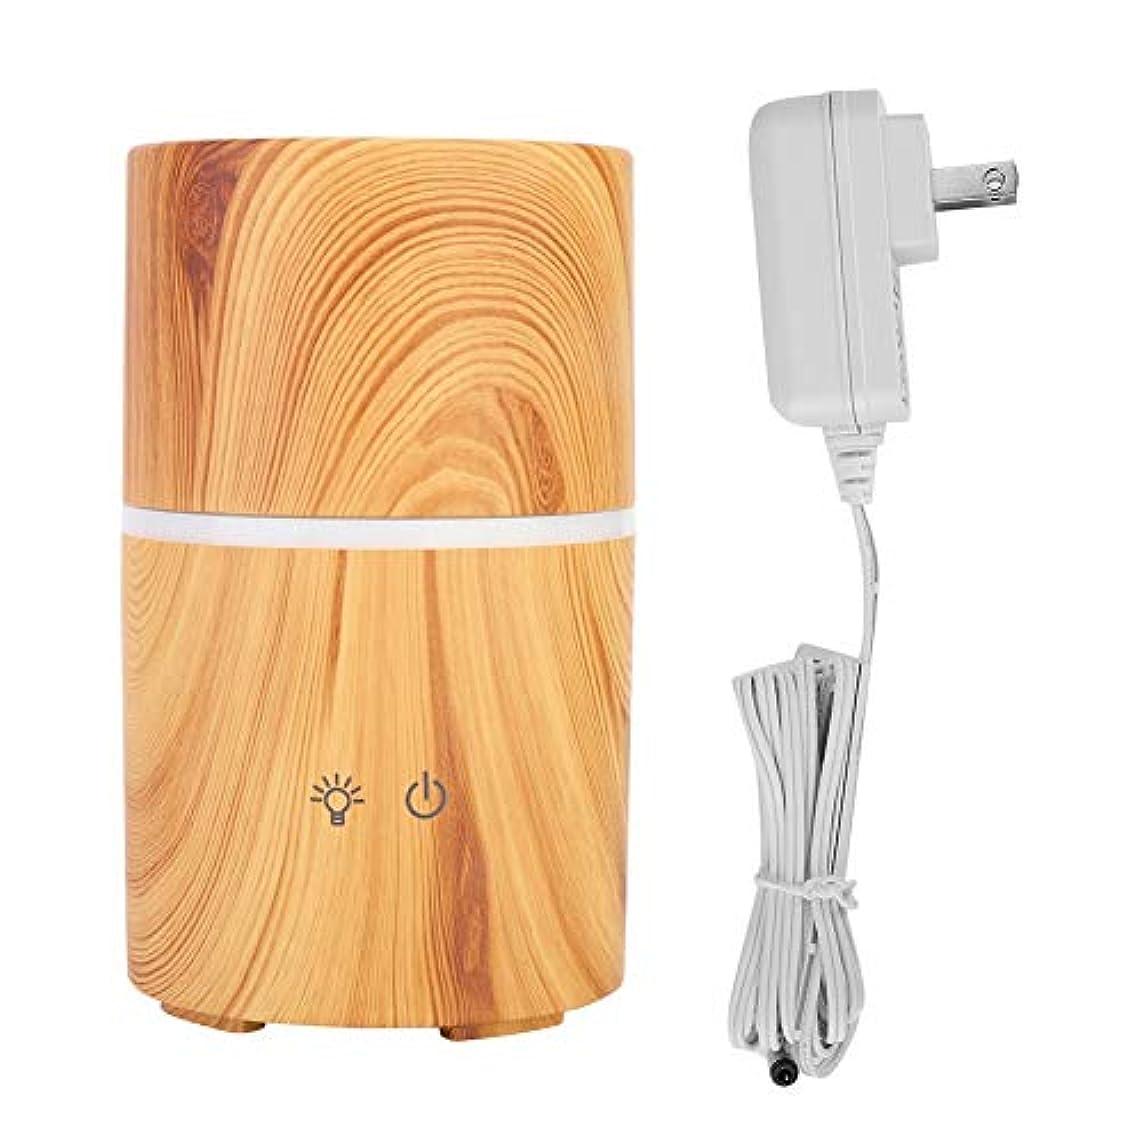 永遠のエンゲージメントストラップアロマセラピーディフューザー、多目的木目LEDインテリジェントディフューザーワイヤレススピーカー加湿器家庭用装飾(USプラグ100-240V)